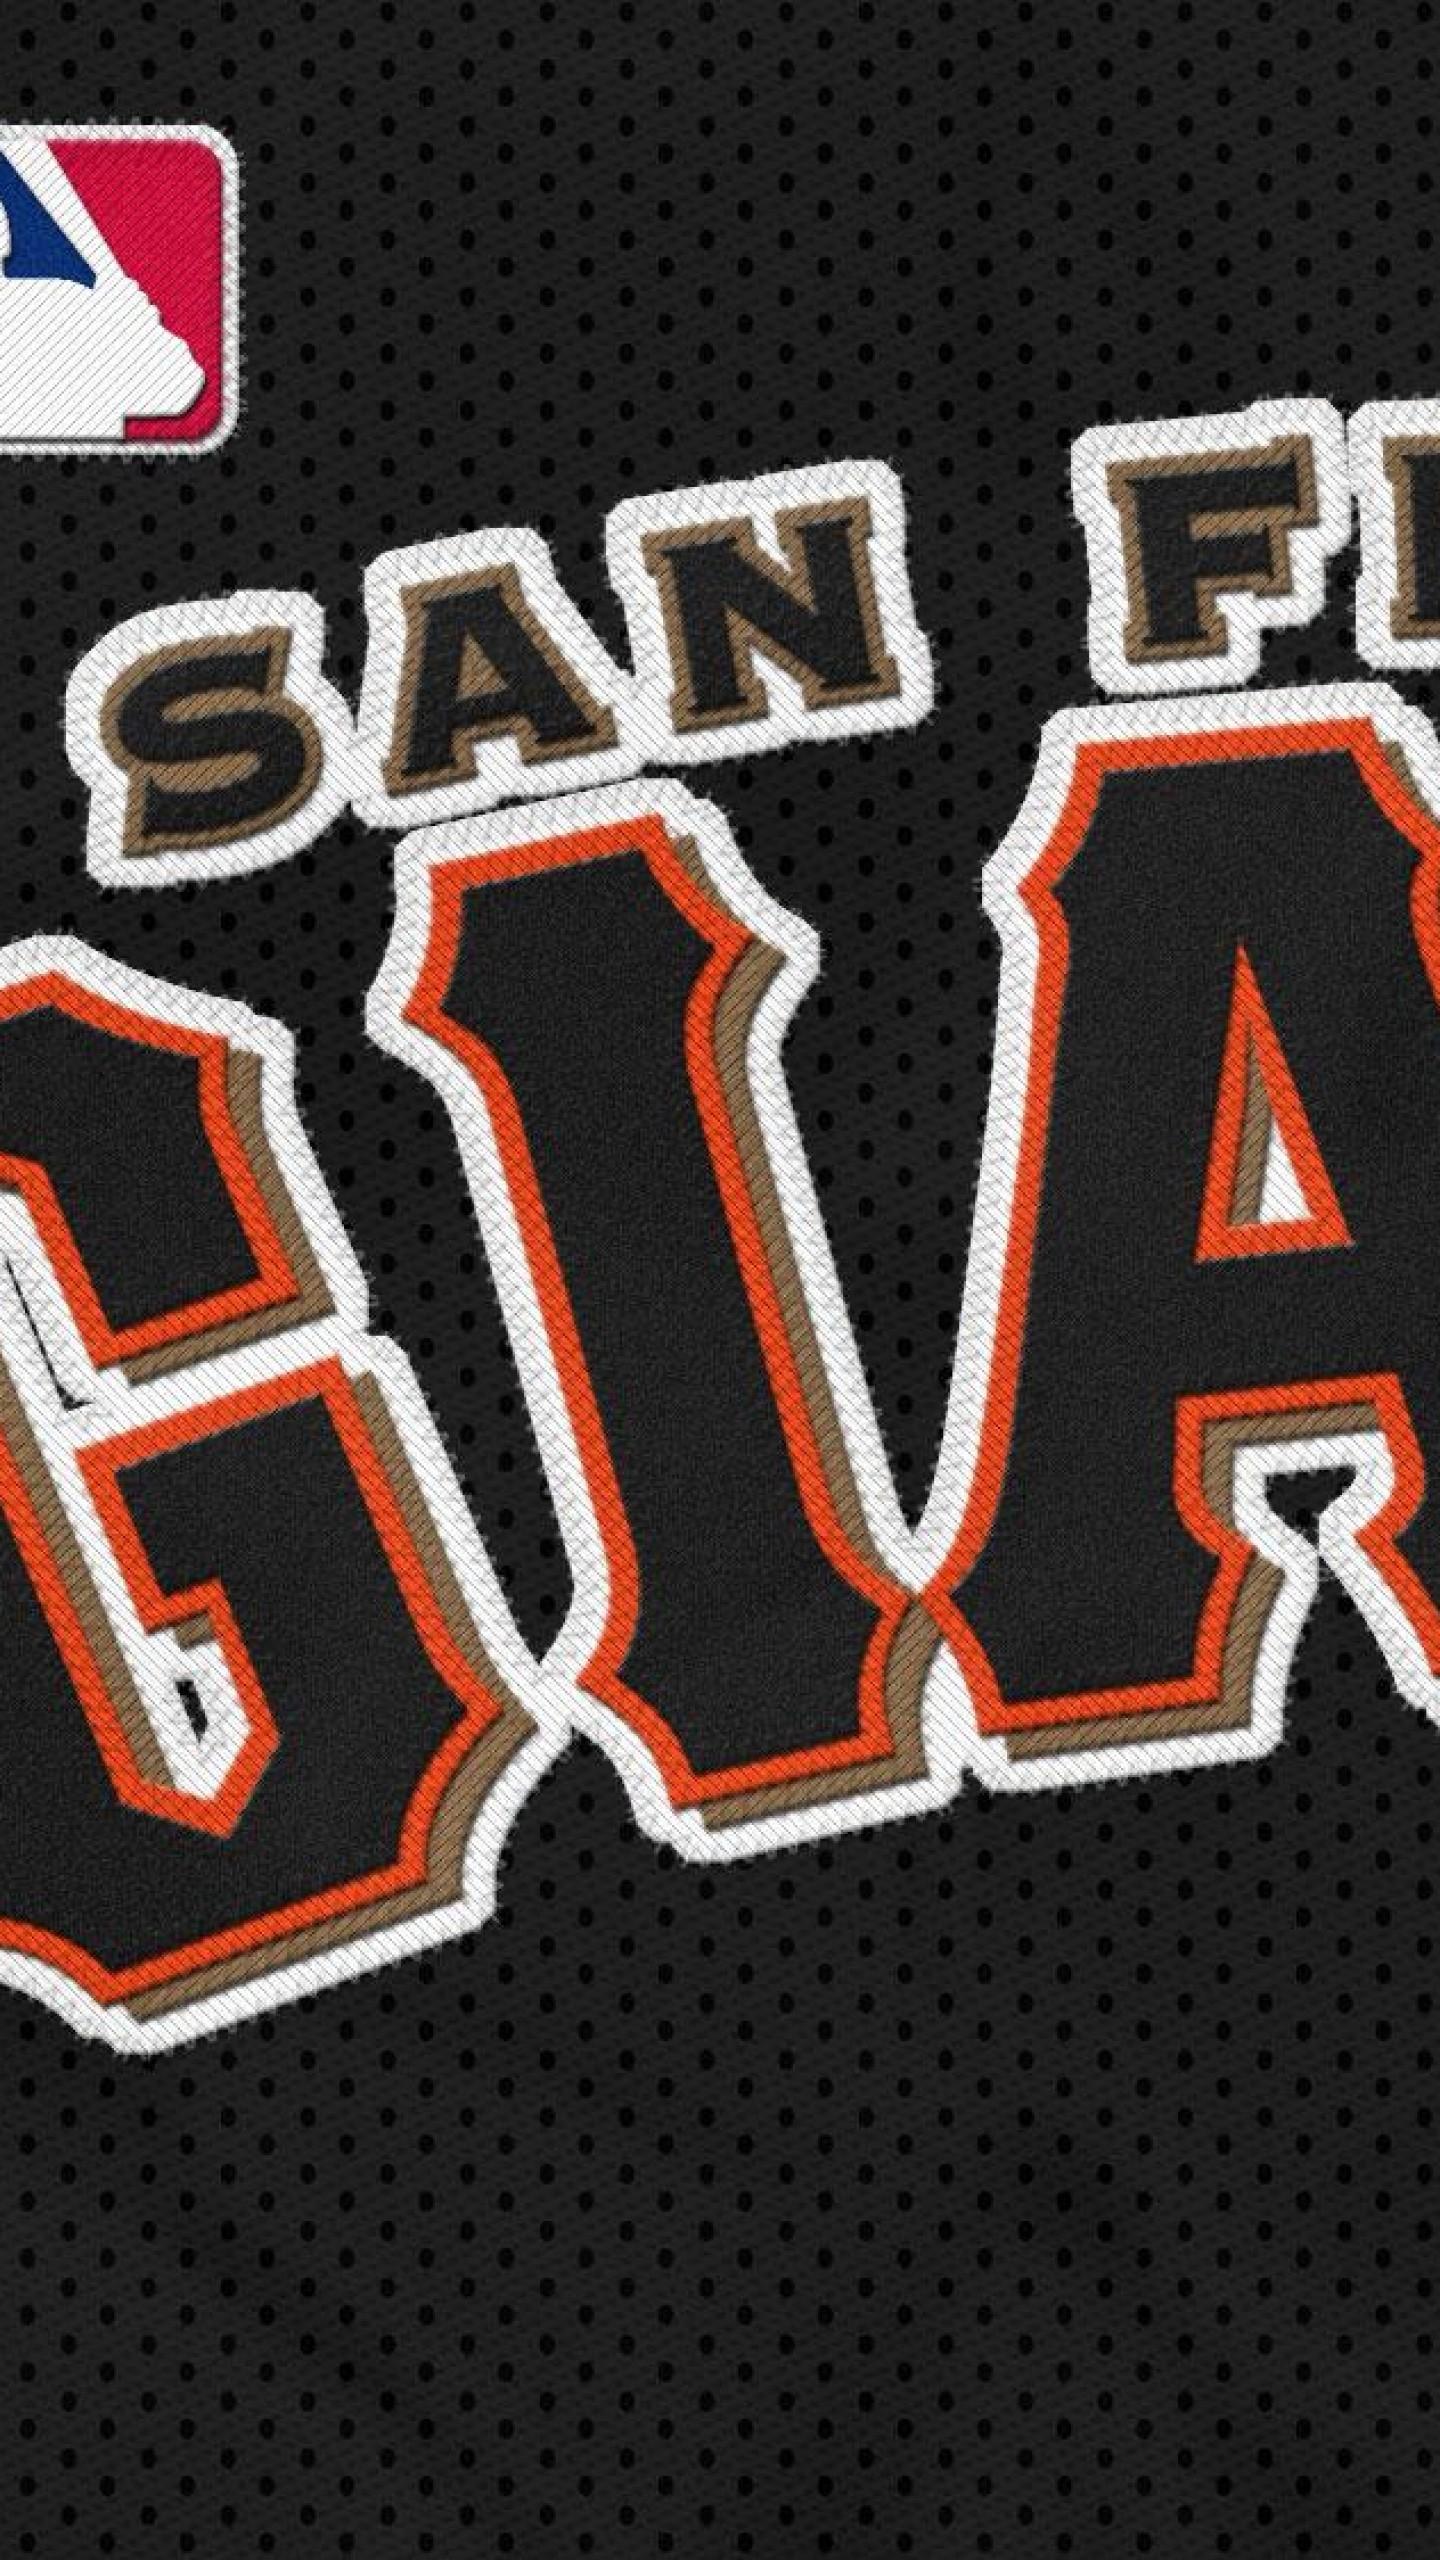 Wallpaper san francisco giants, baseball club, national league  logo